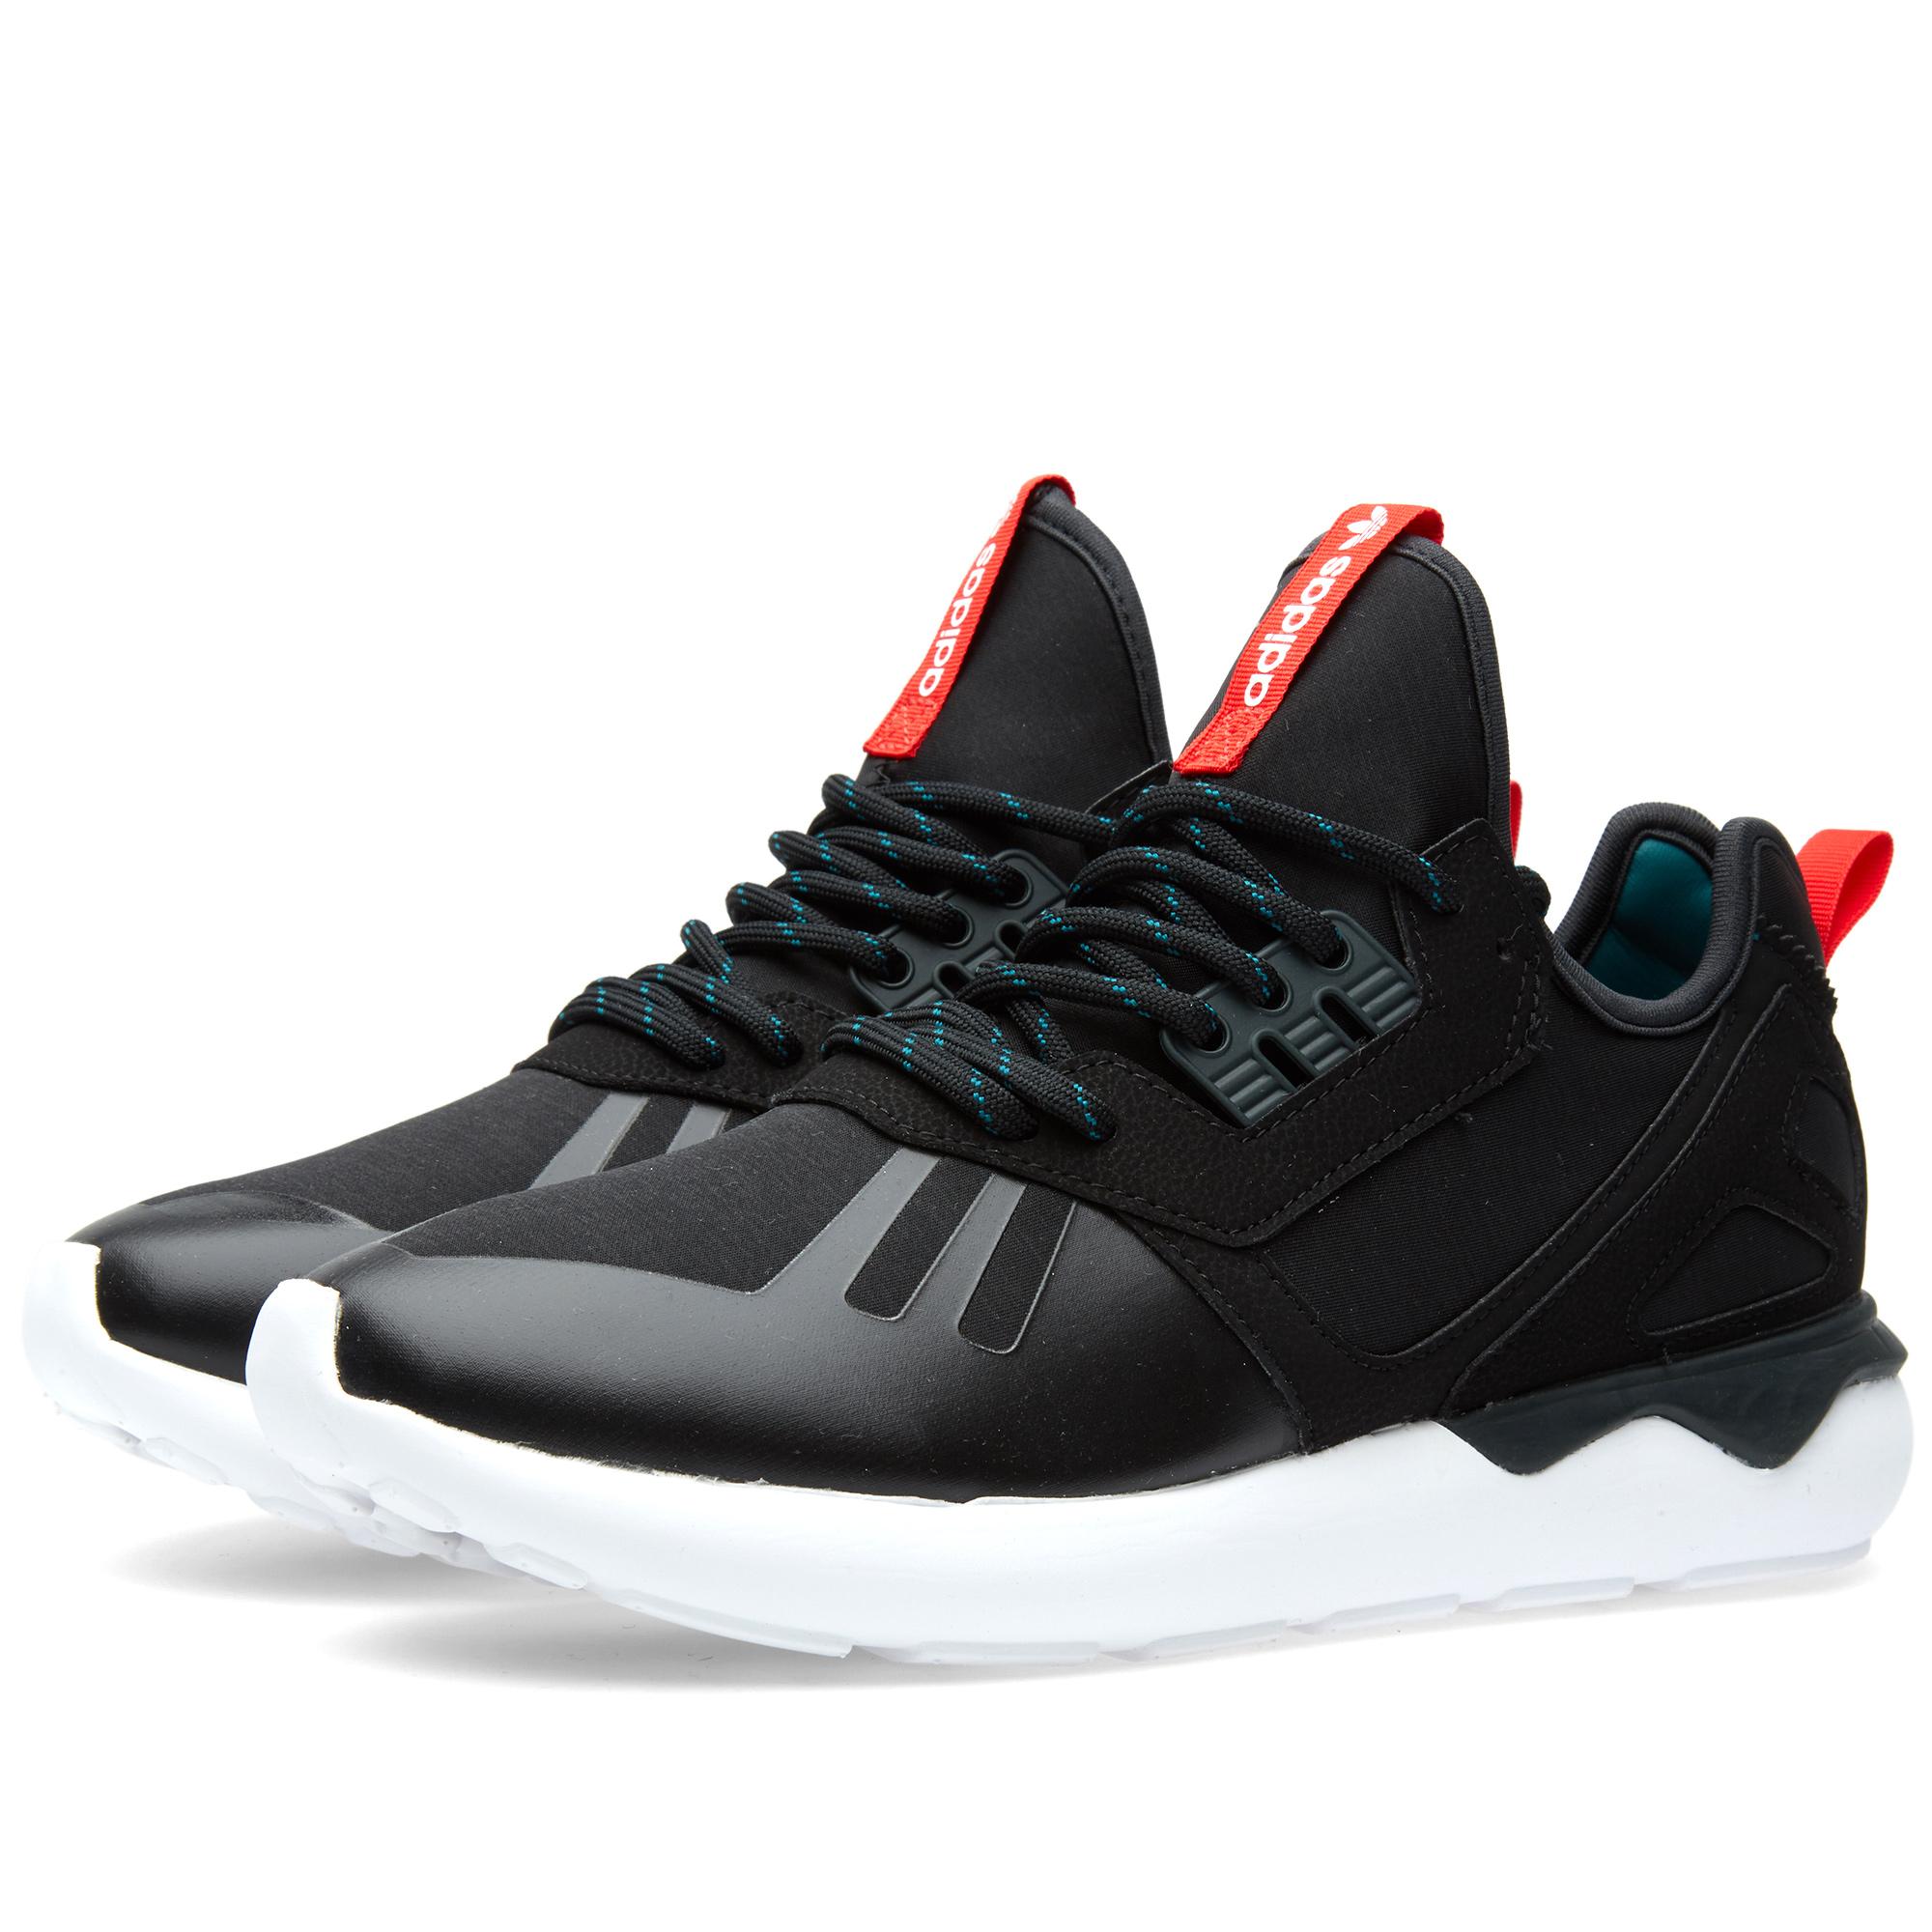 Adidas Tubular Black 8.5